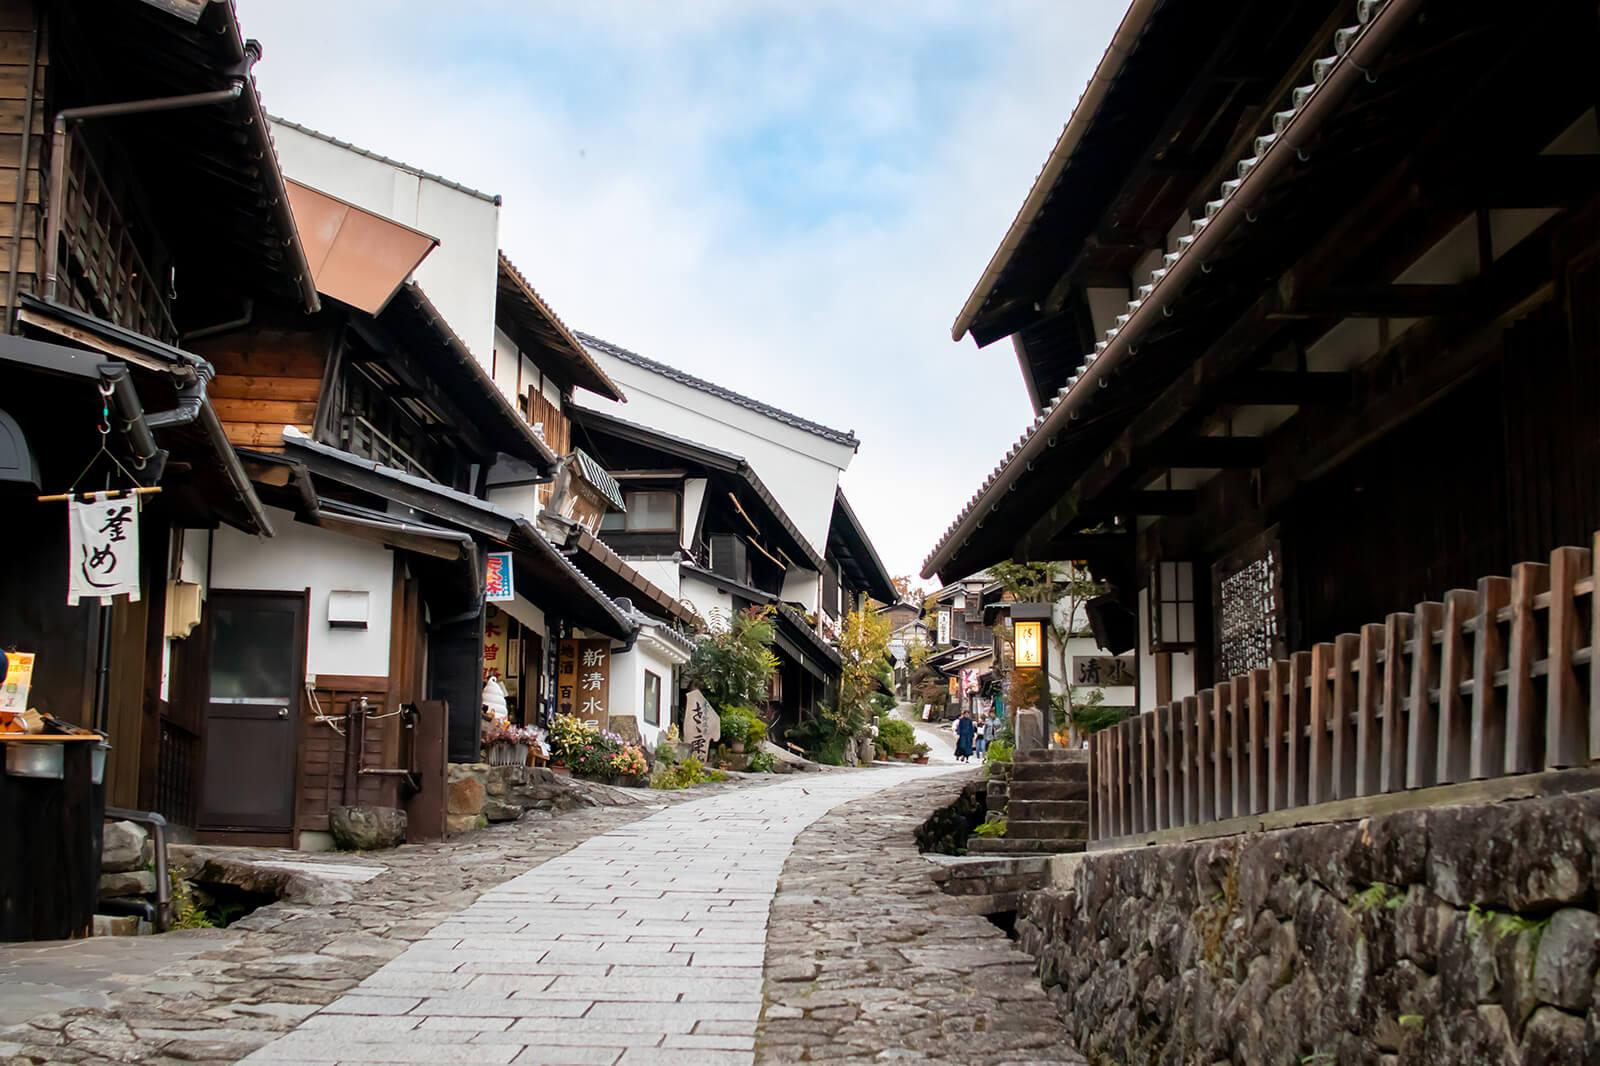 馬籠宿の古風な街並み